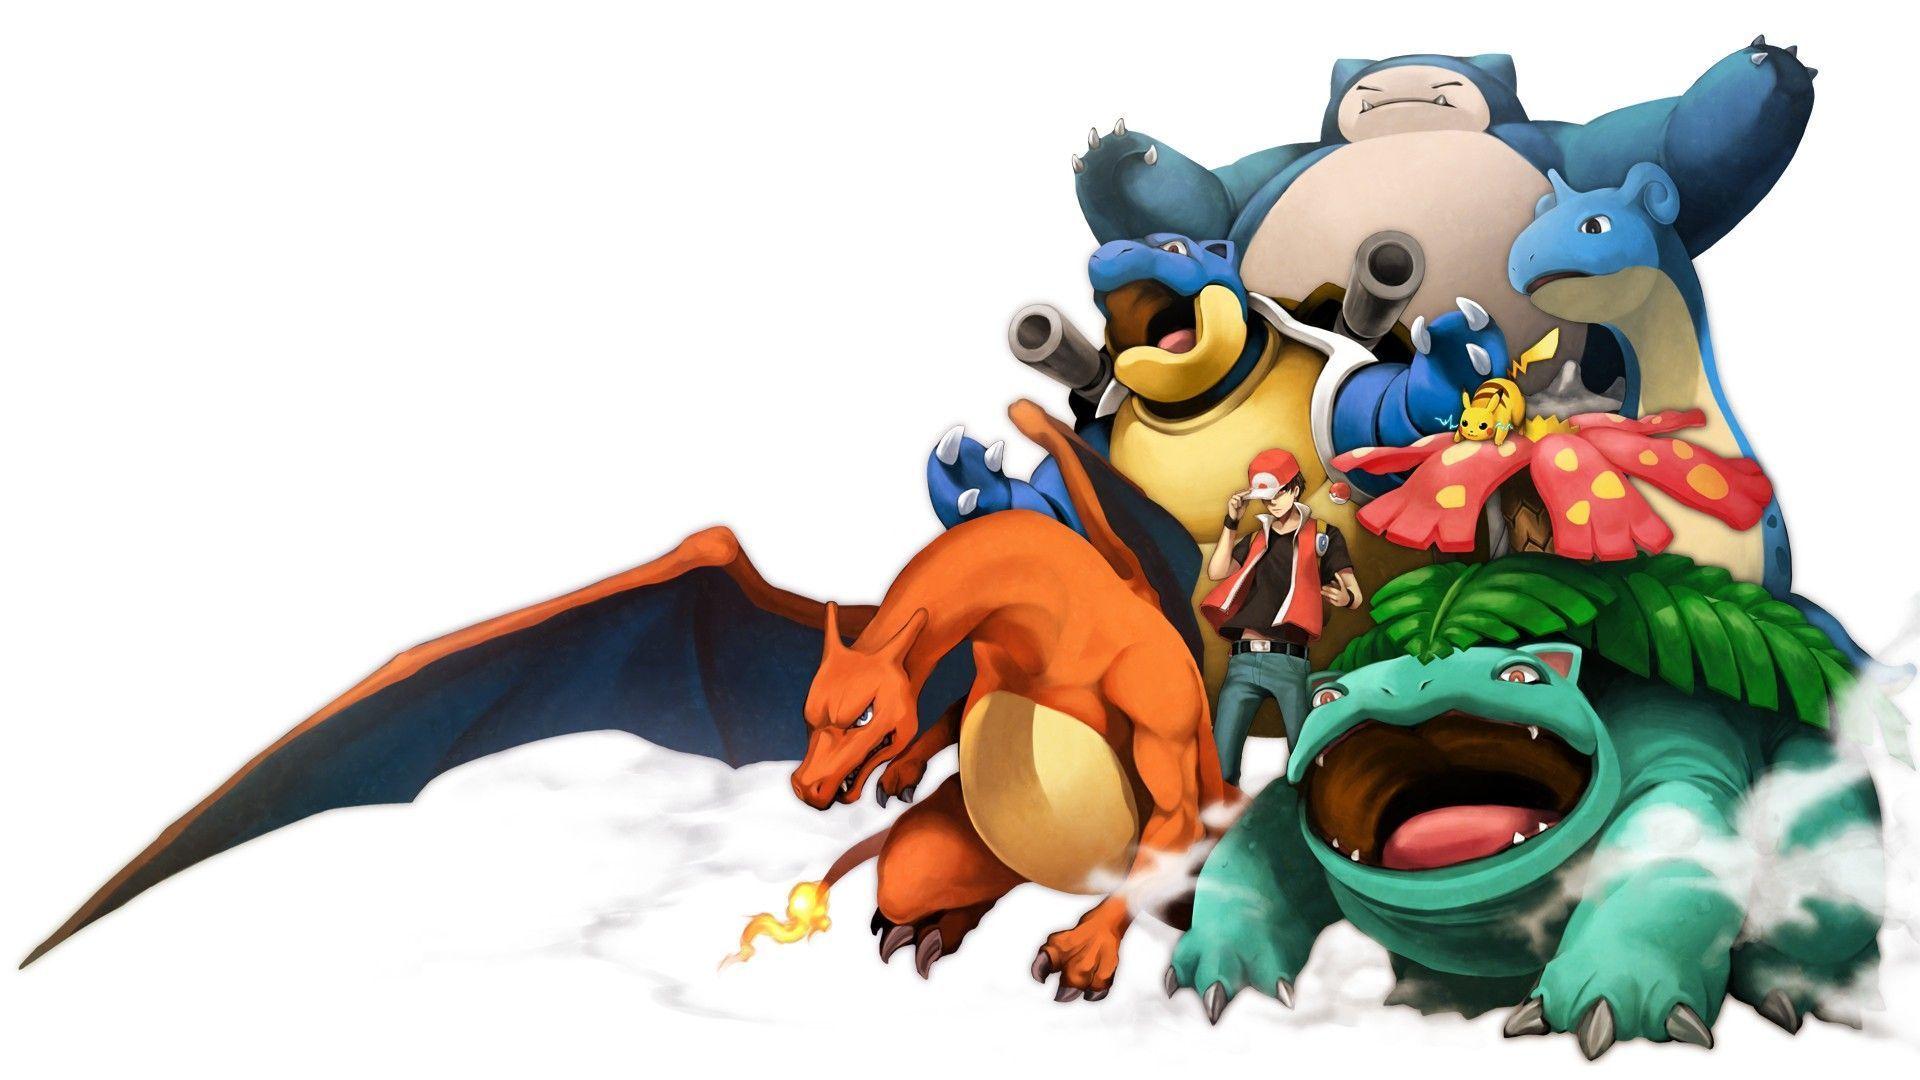 Wallpapers For Pokemon Wallpapers 1920x1080 Imágenes De